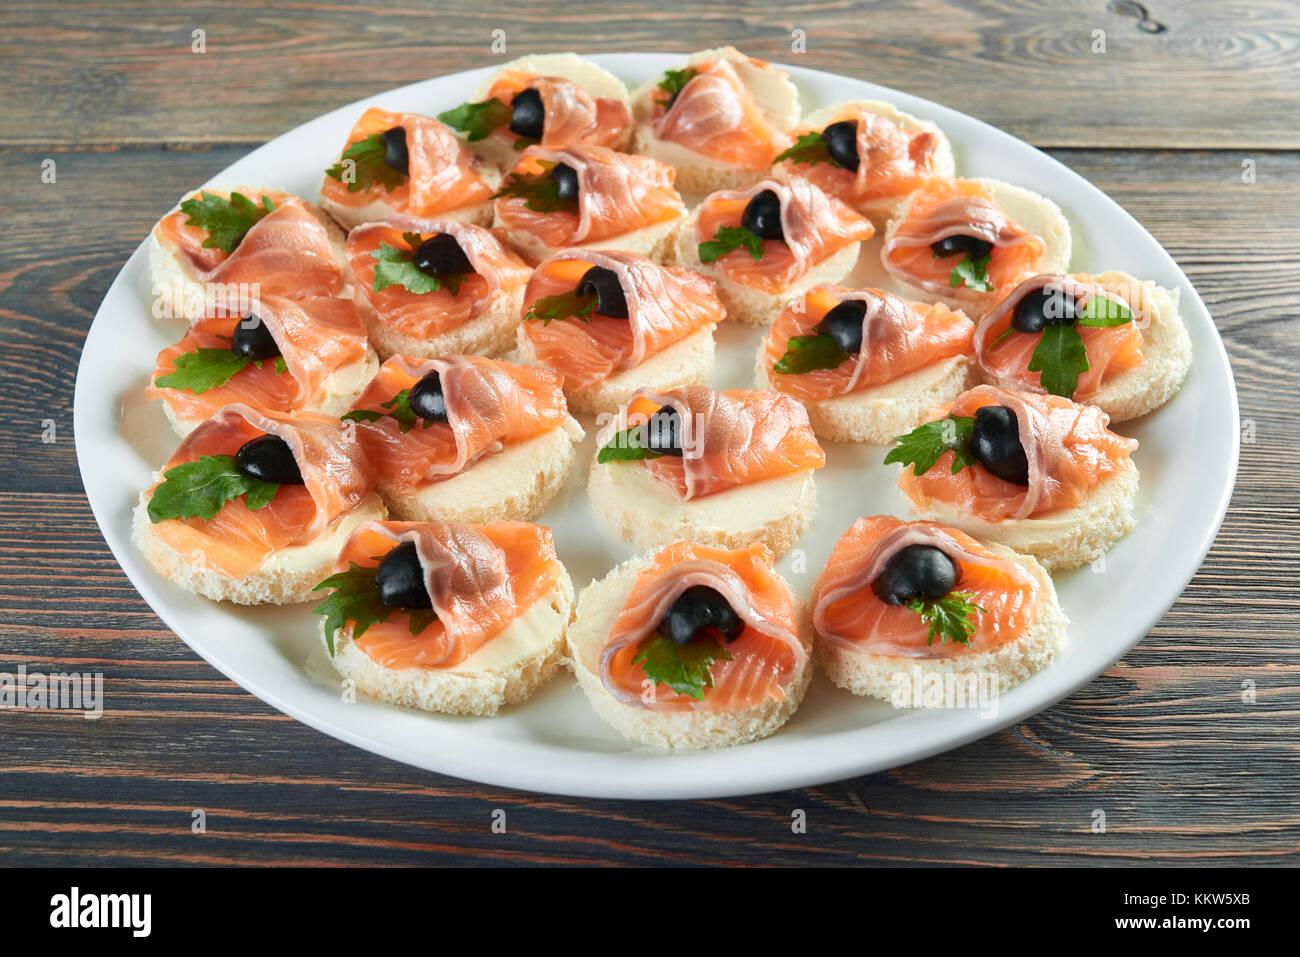 De délicieux plats sur la table en bois Photo Stock